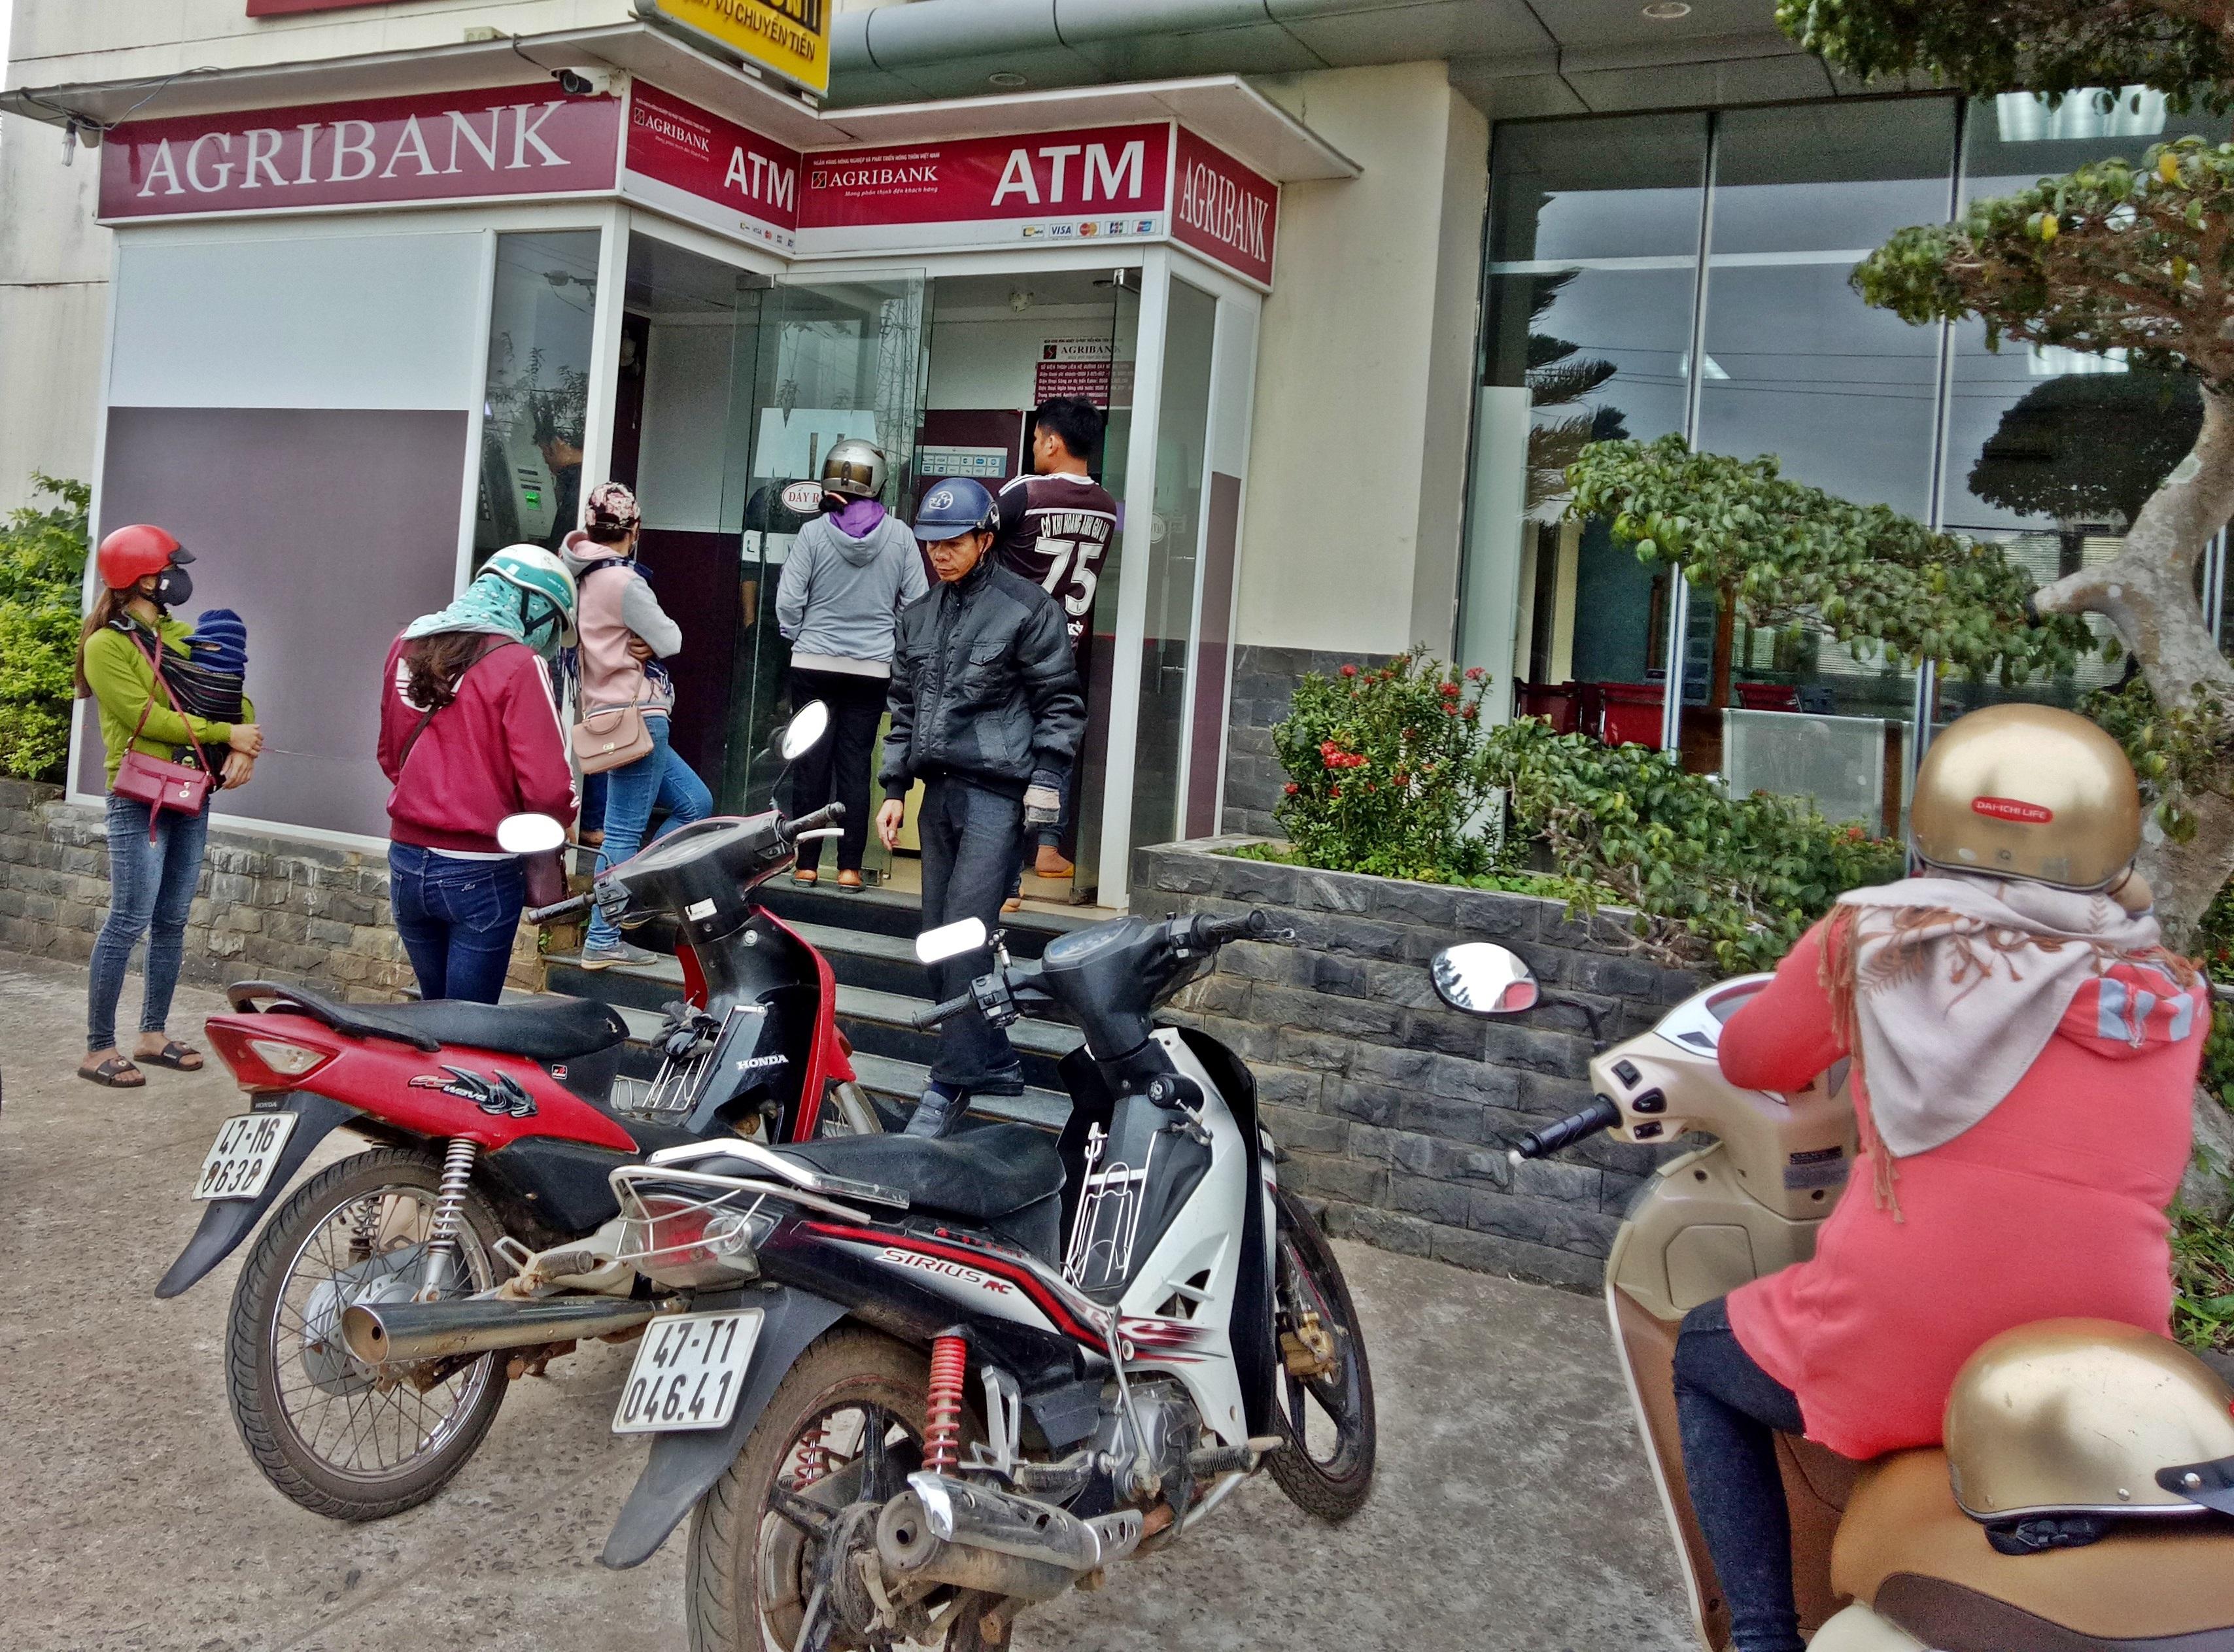 Các đơn vị Agribank trên địa bàn tỉnh Đắk Lắk, đẩy mạnh phát triển dịch vụ Thẻ tại thị trường nông nghiệp, nông thôn.